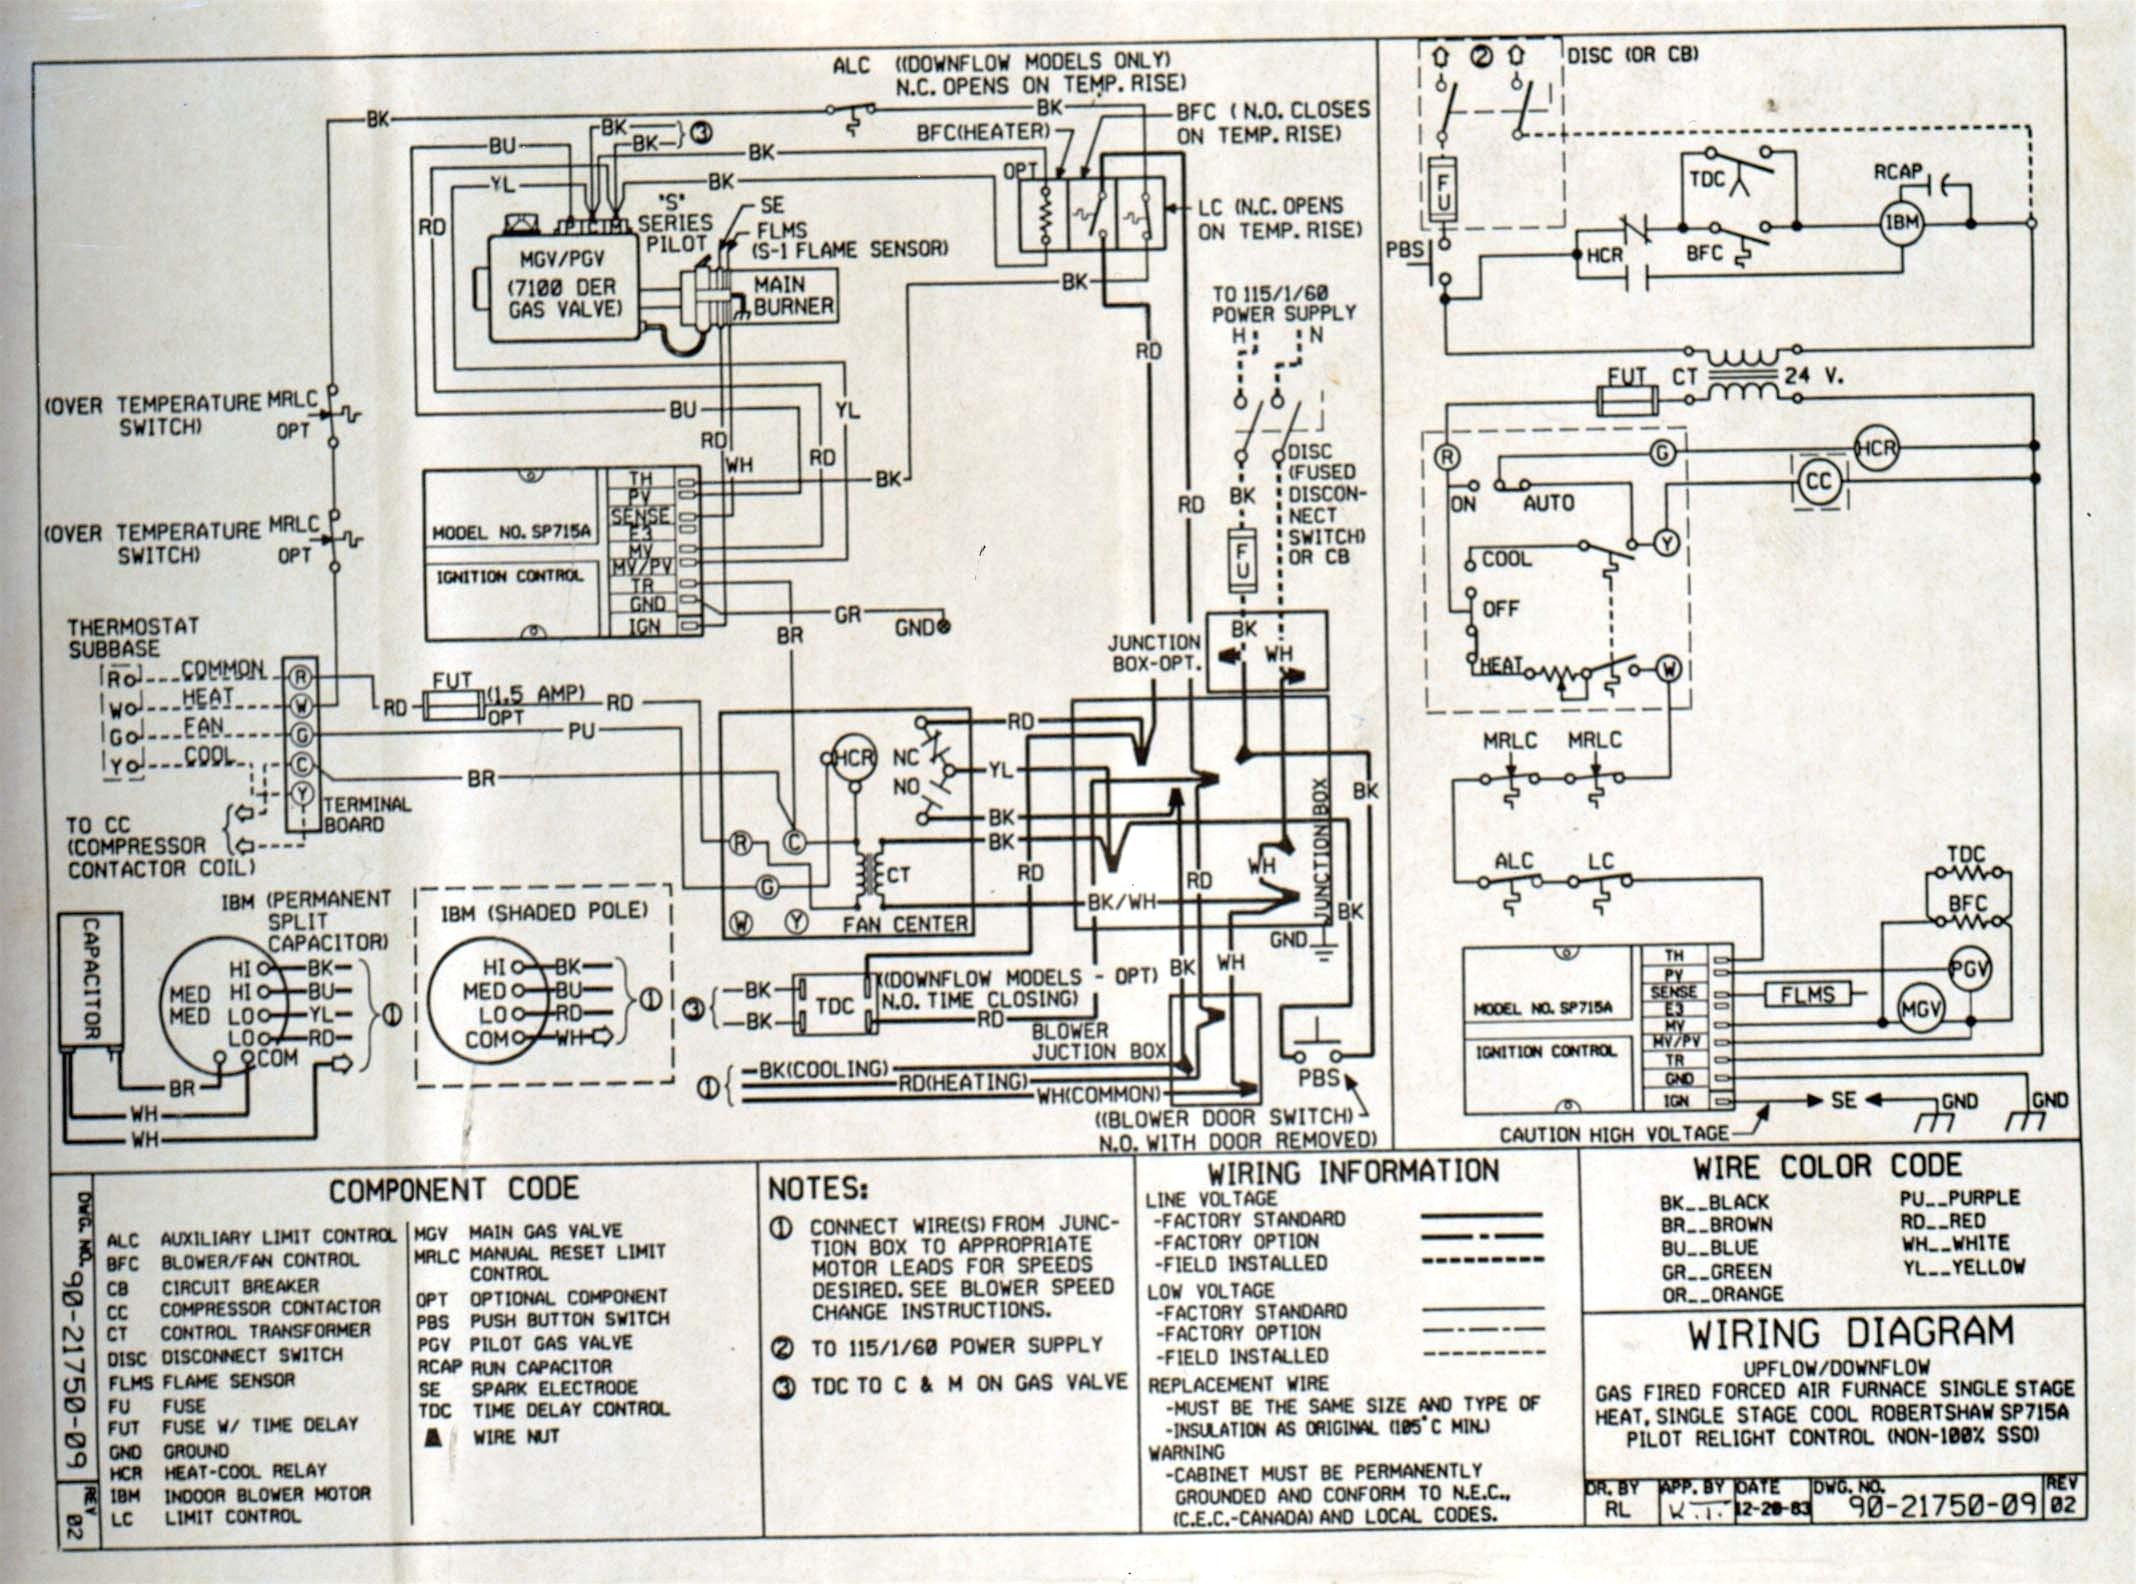 goodman hkr 10 wiring diagram Collection-Goodman Manufacturing Wiring Diagrams Wire Center • Goodman Hkr 10 Wiring Diagram Download 4-s